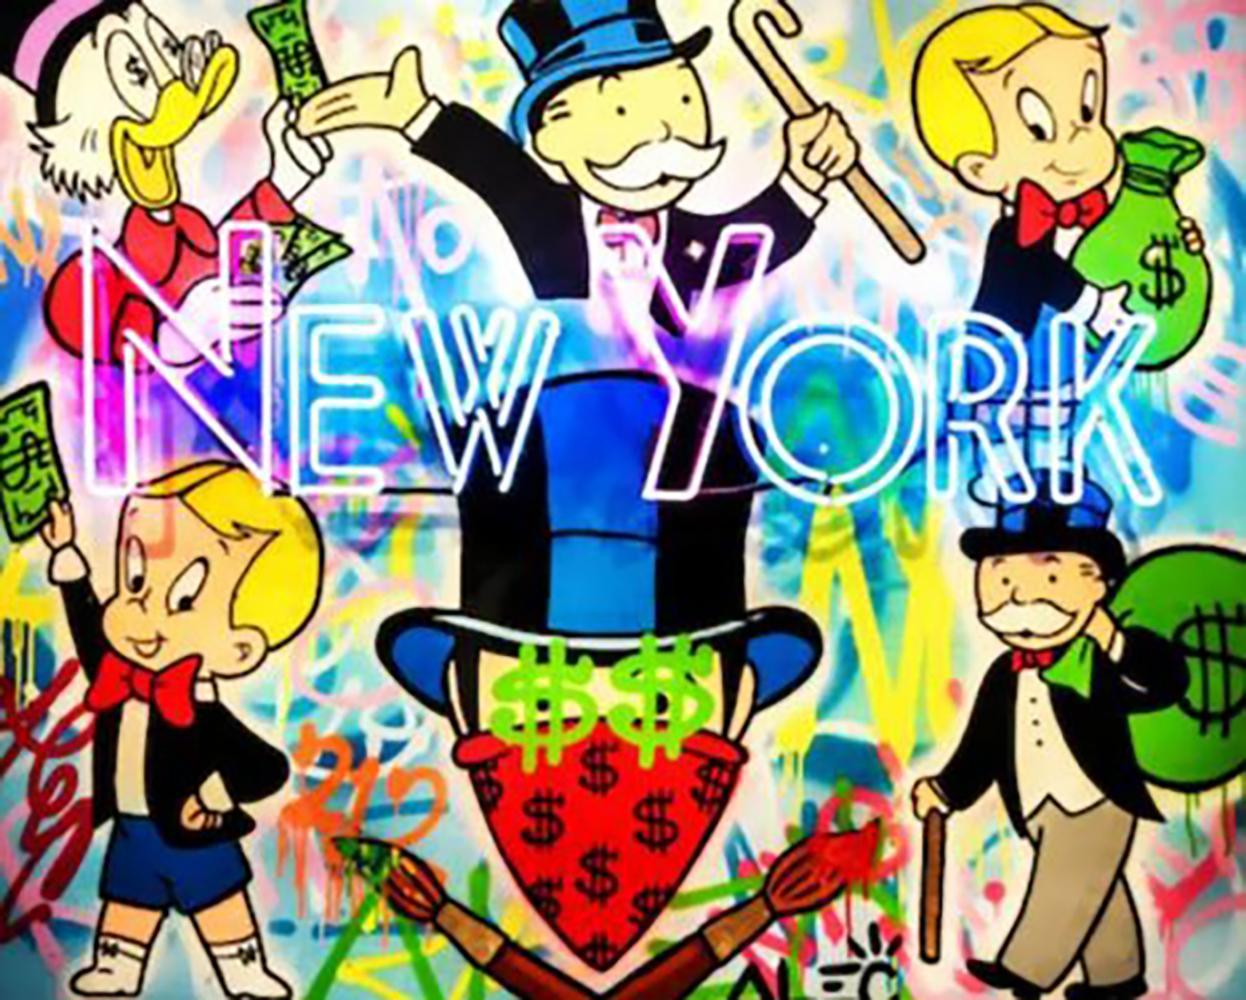 Pintura de Nueva York Pintura al óleo sobre lienzo Decoración para el hogar Handcrafts / HD Imprimir pared Arte de la pared Personalización es aceptable 21050813